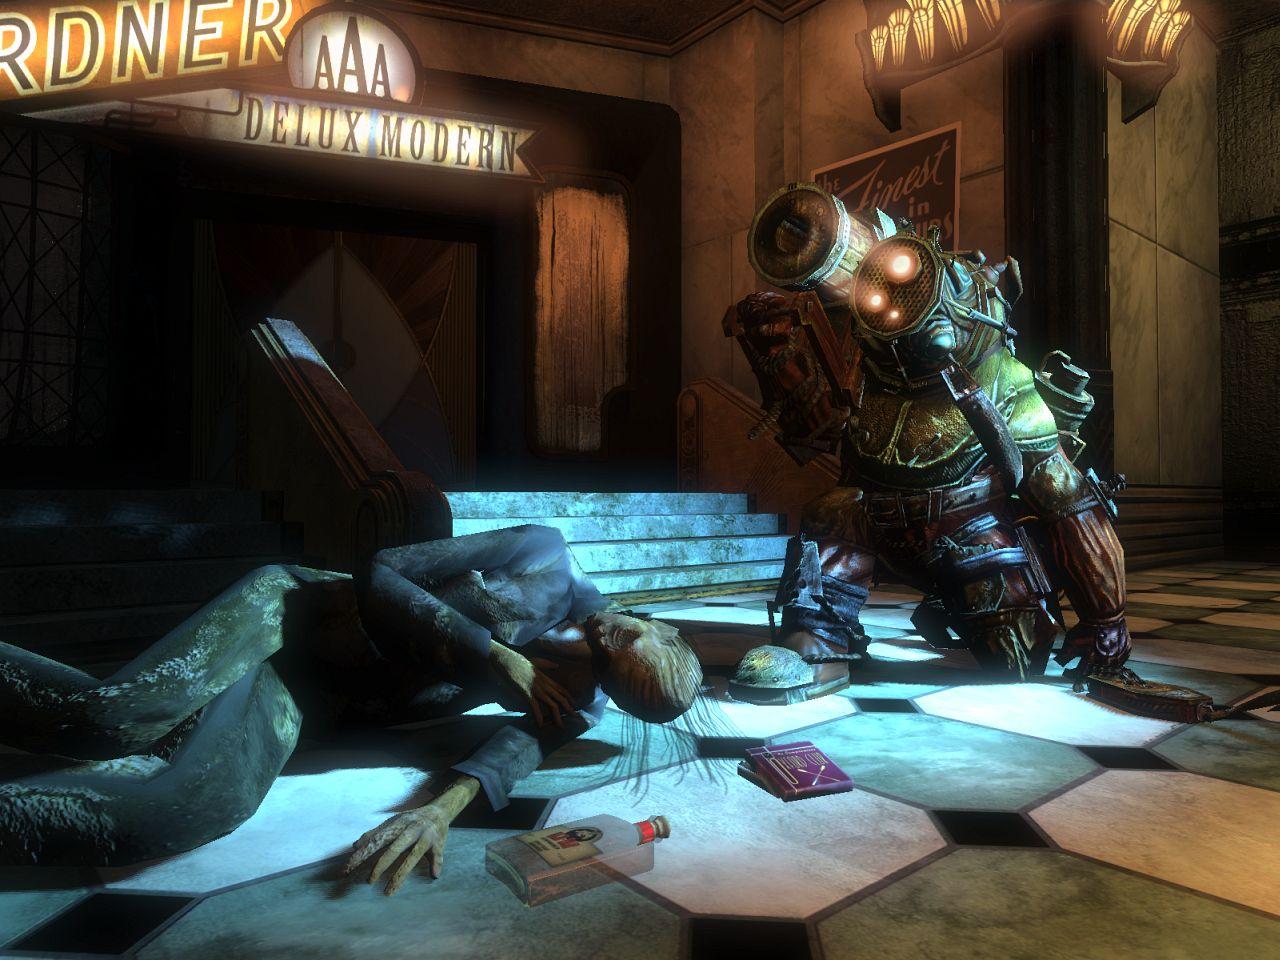 Bioshock-Kopierschutz - 2K Games reagiert auf Kritik